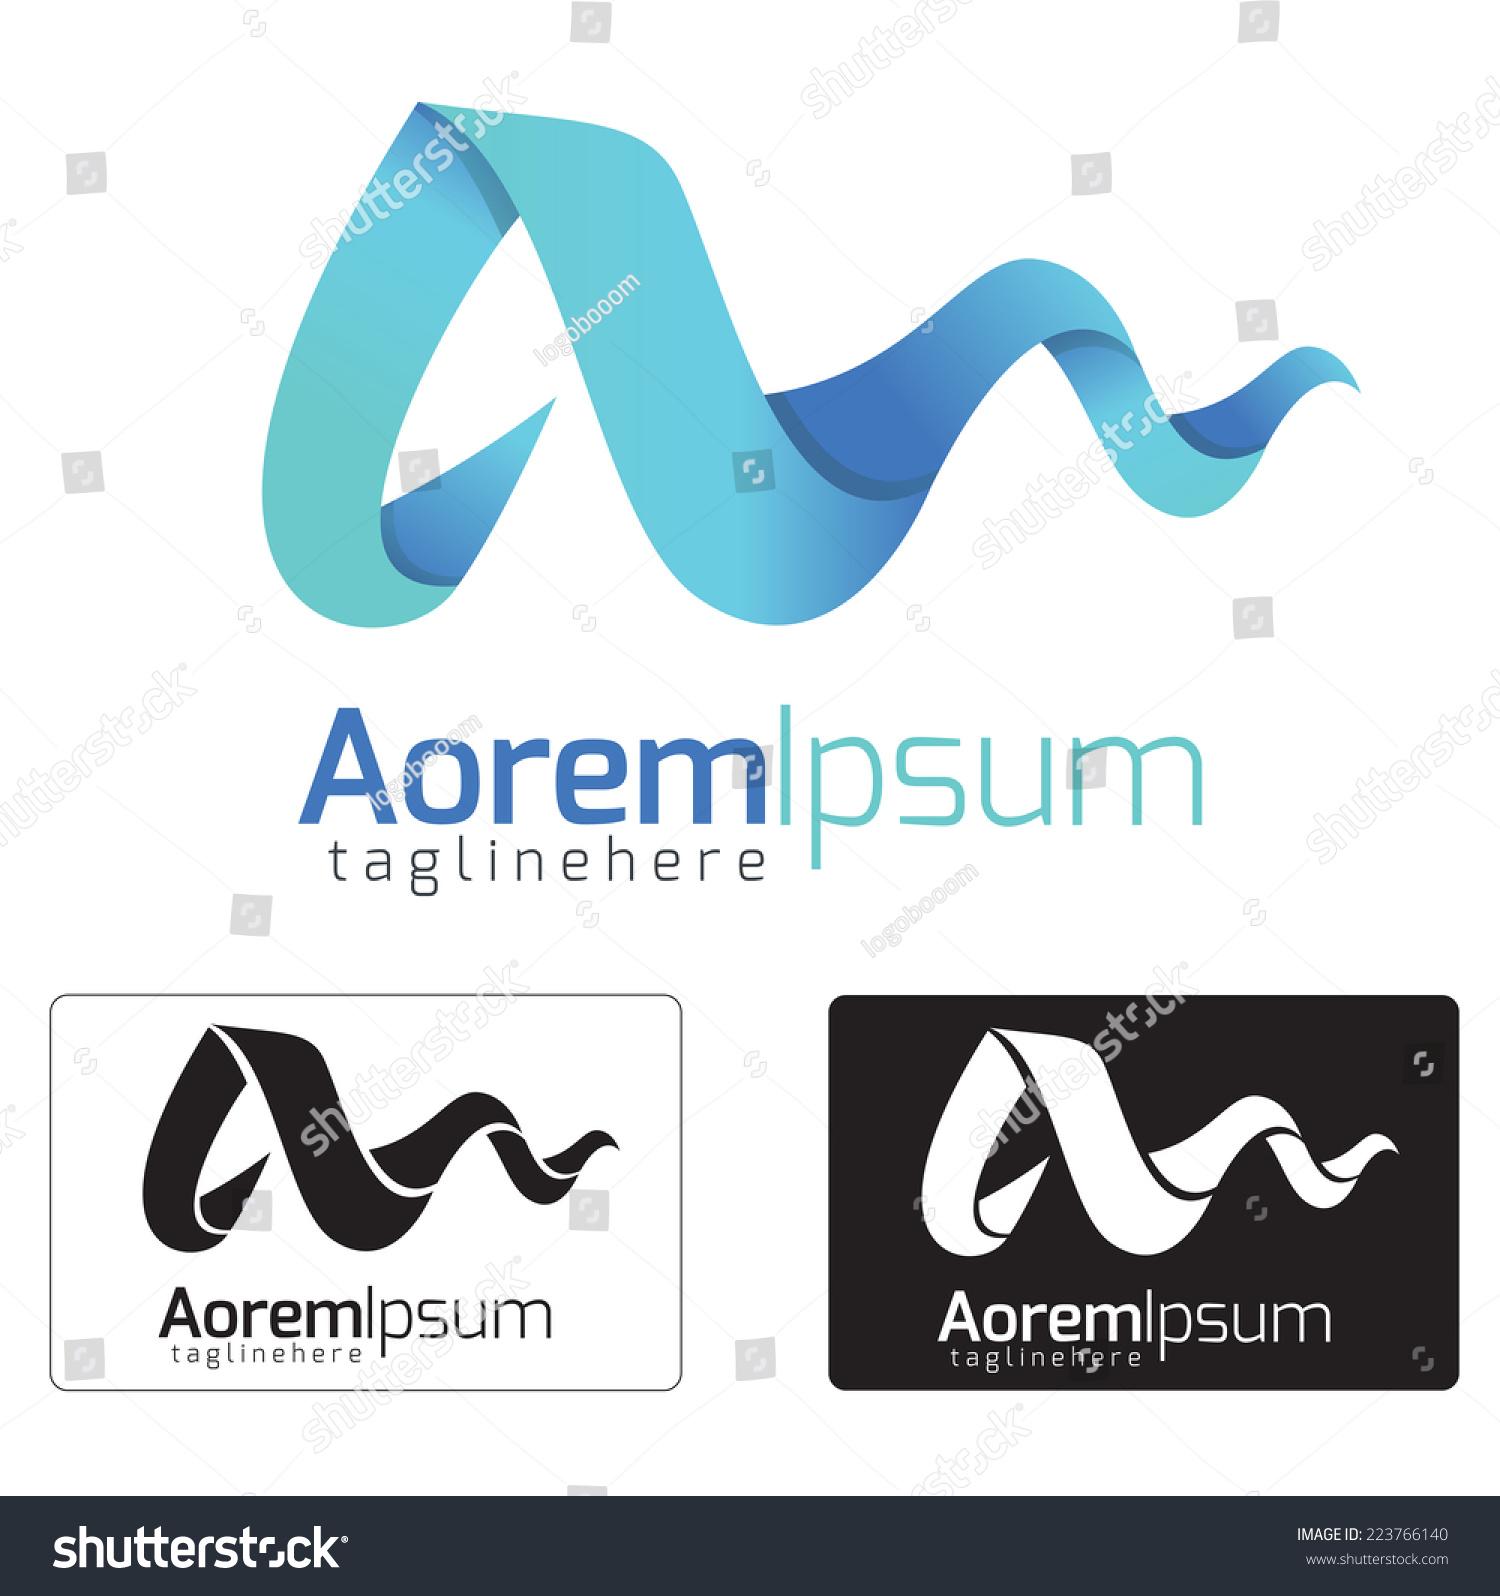 字母标志设计的概念.字母a.-符号/标志,抽象-海洛创意